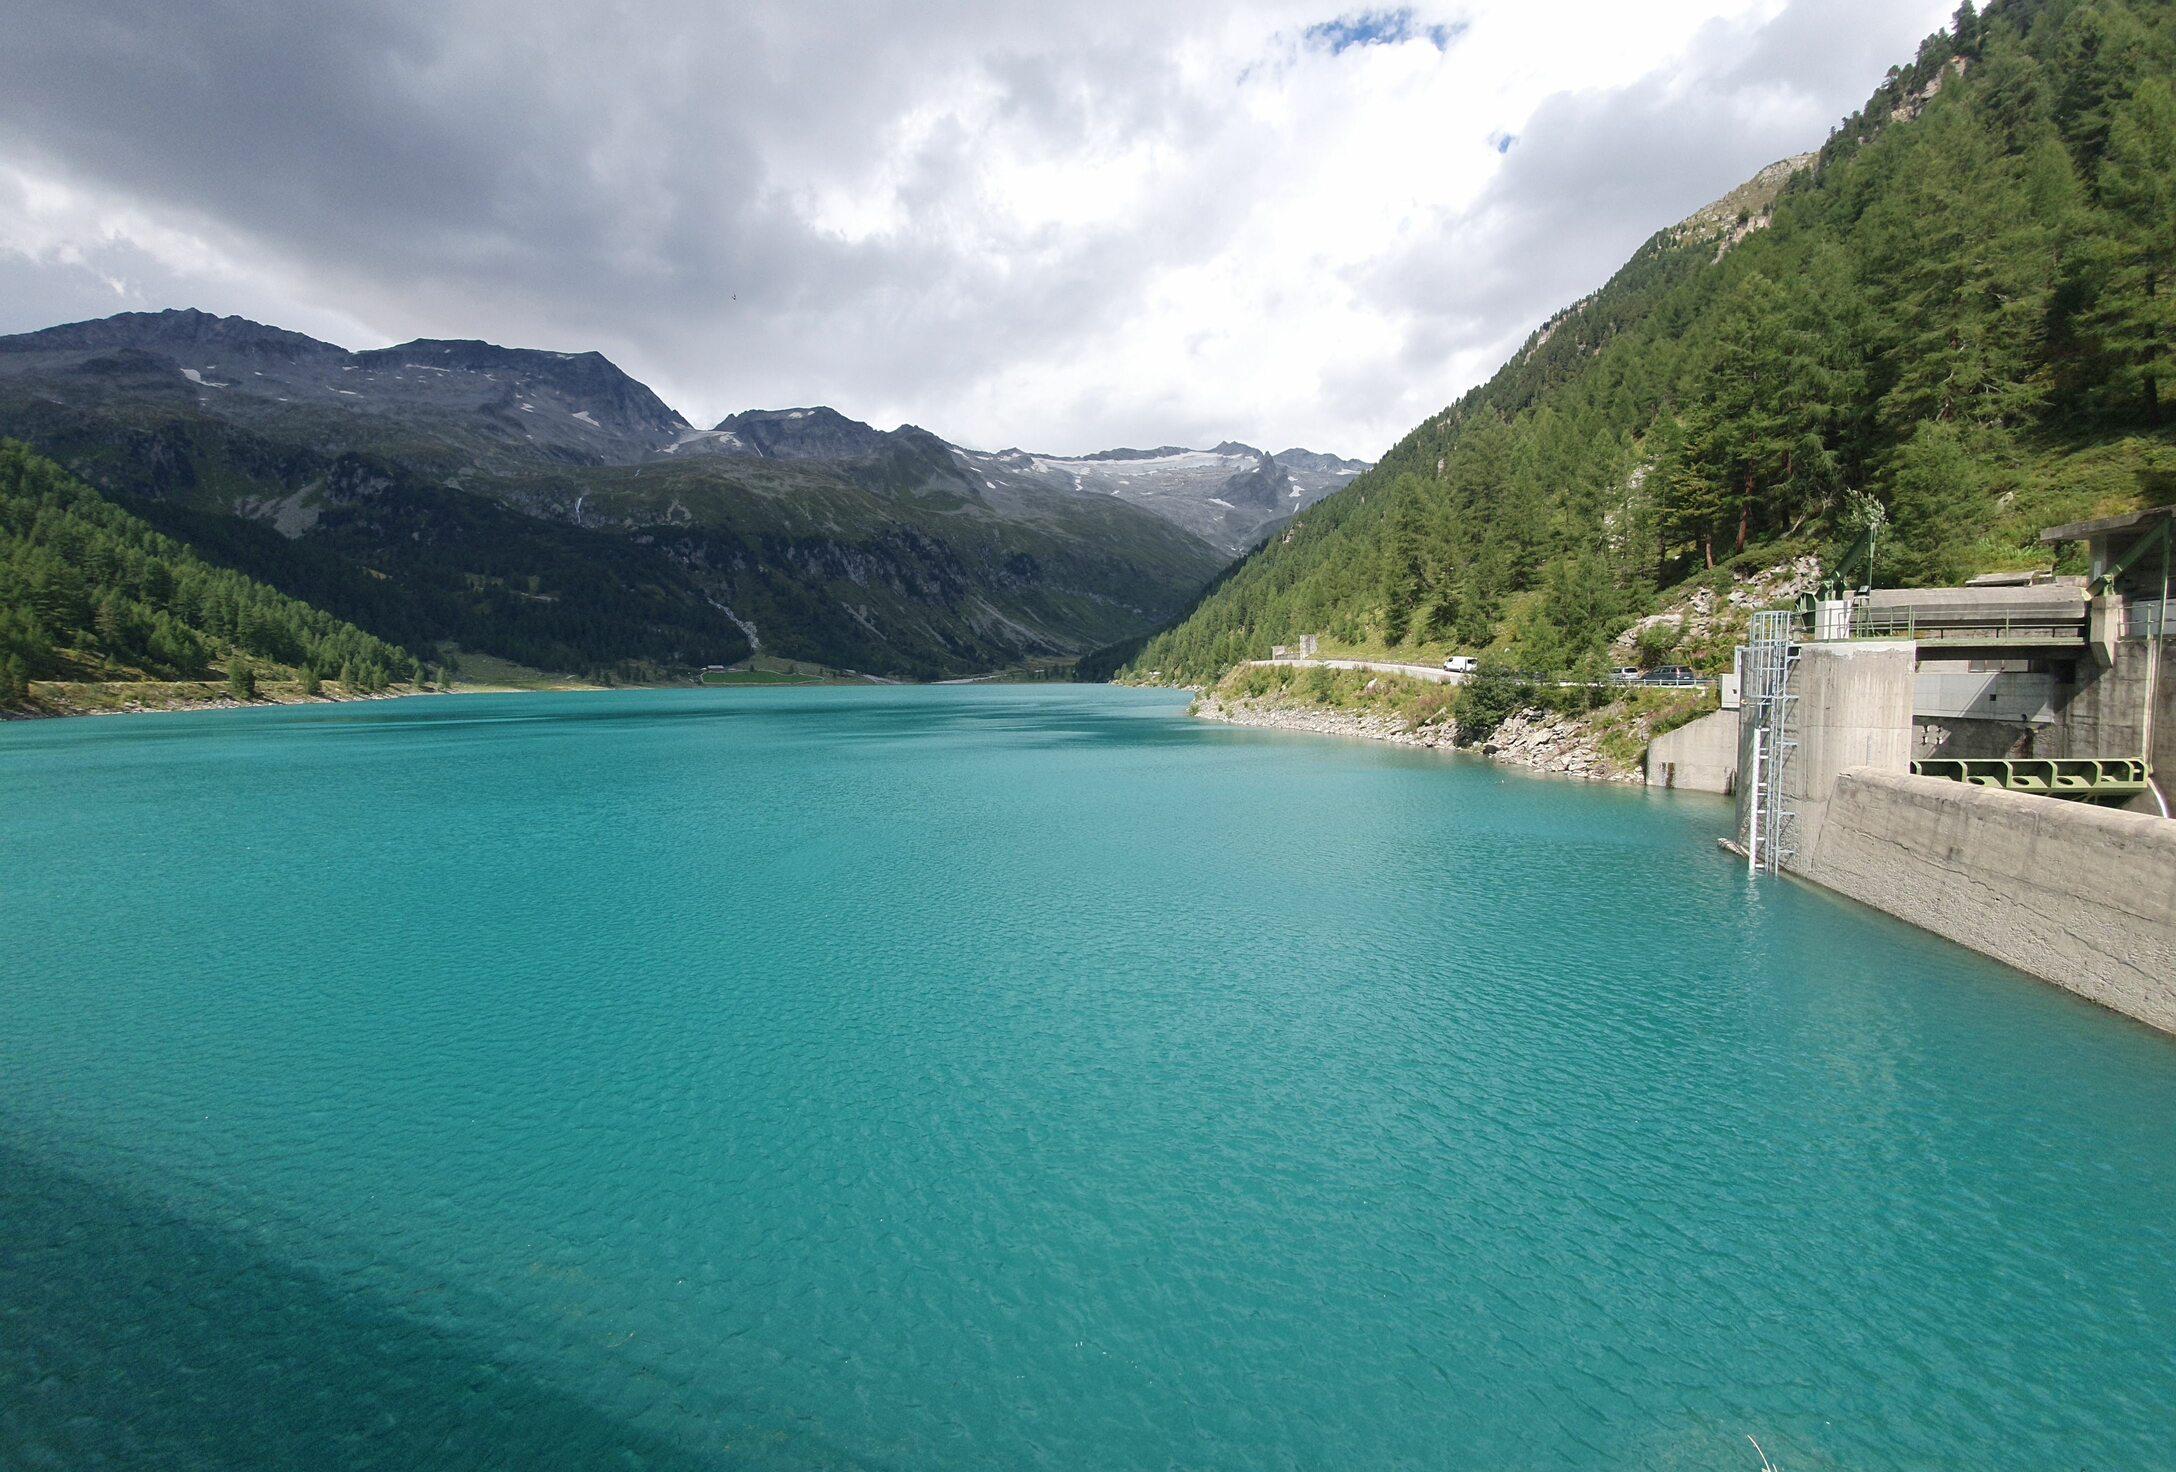 cesta najih Evropy Motovýlety připravily nový výlet zaItalskými jezery